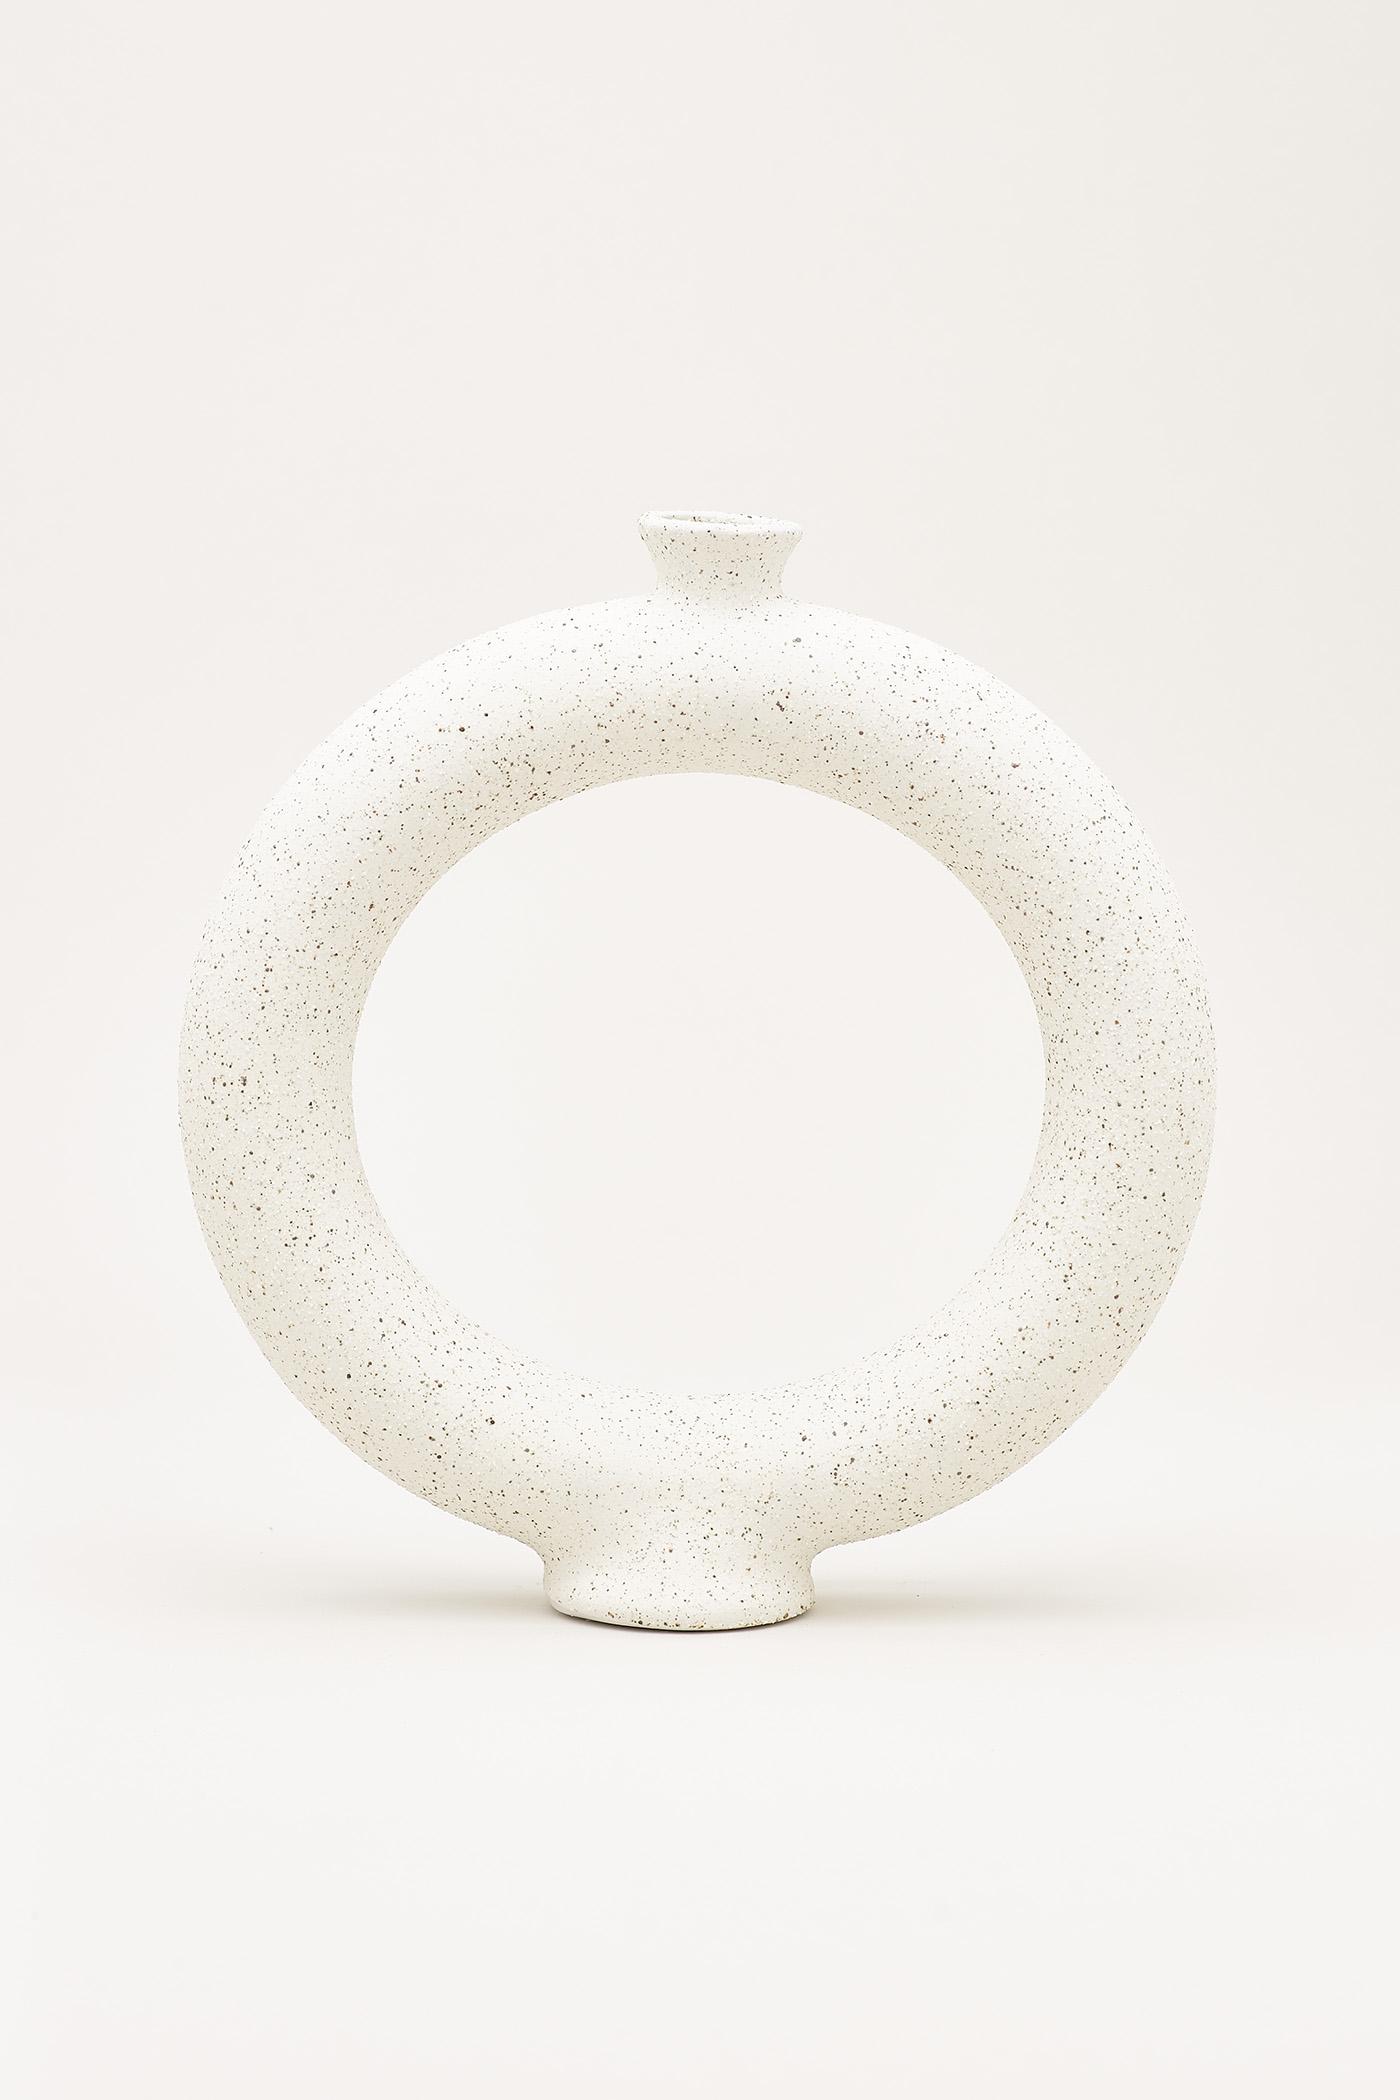 Midori Large Ring Vase